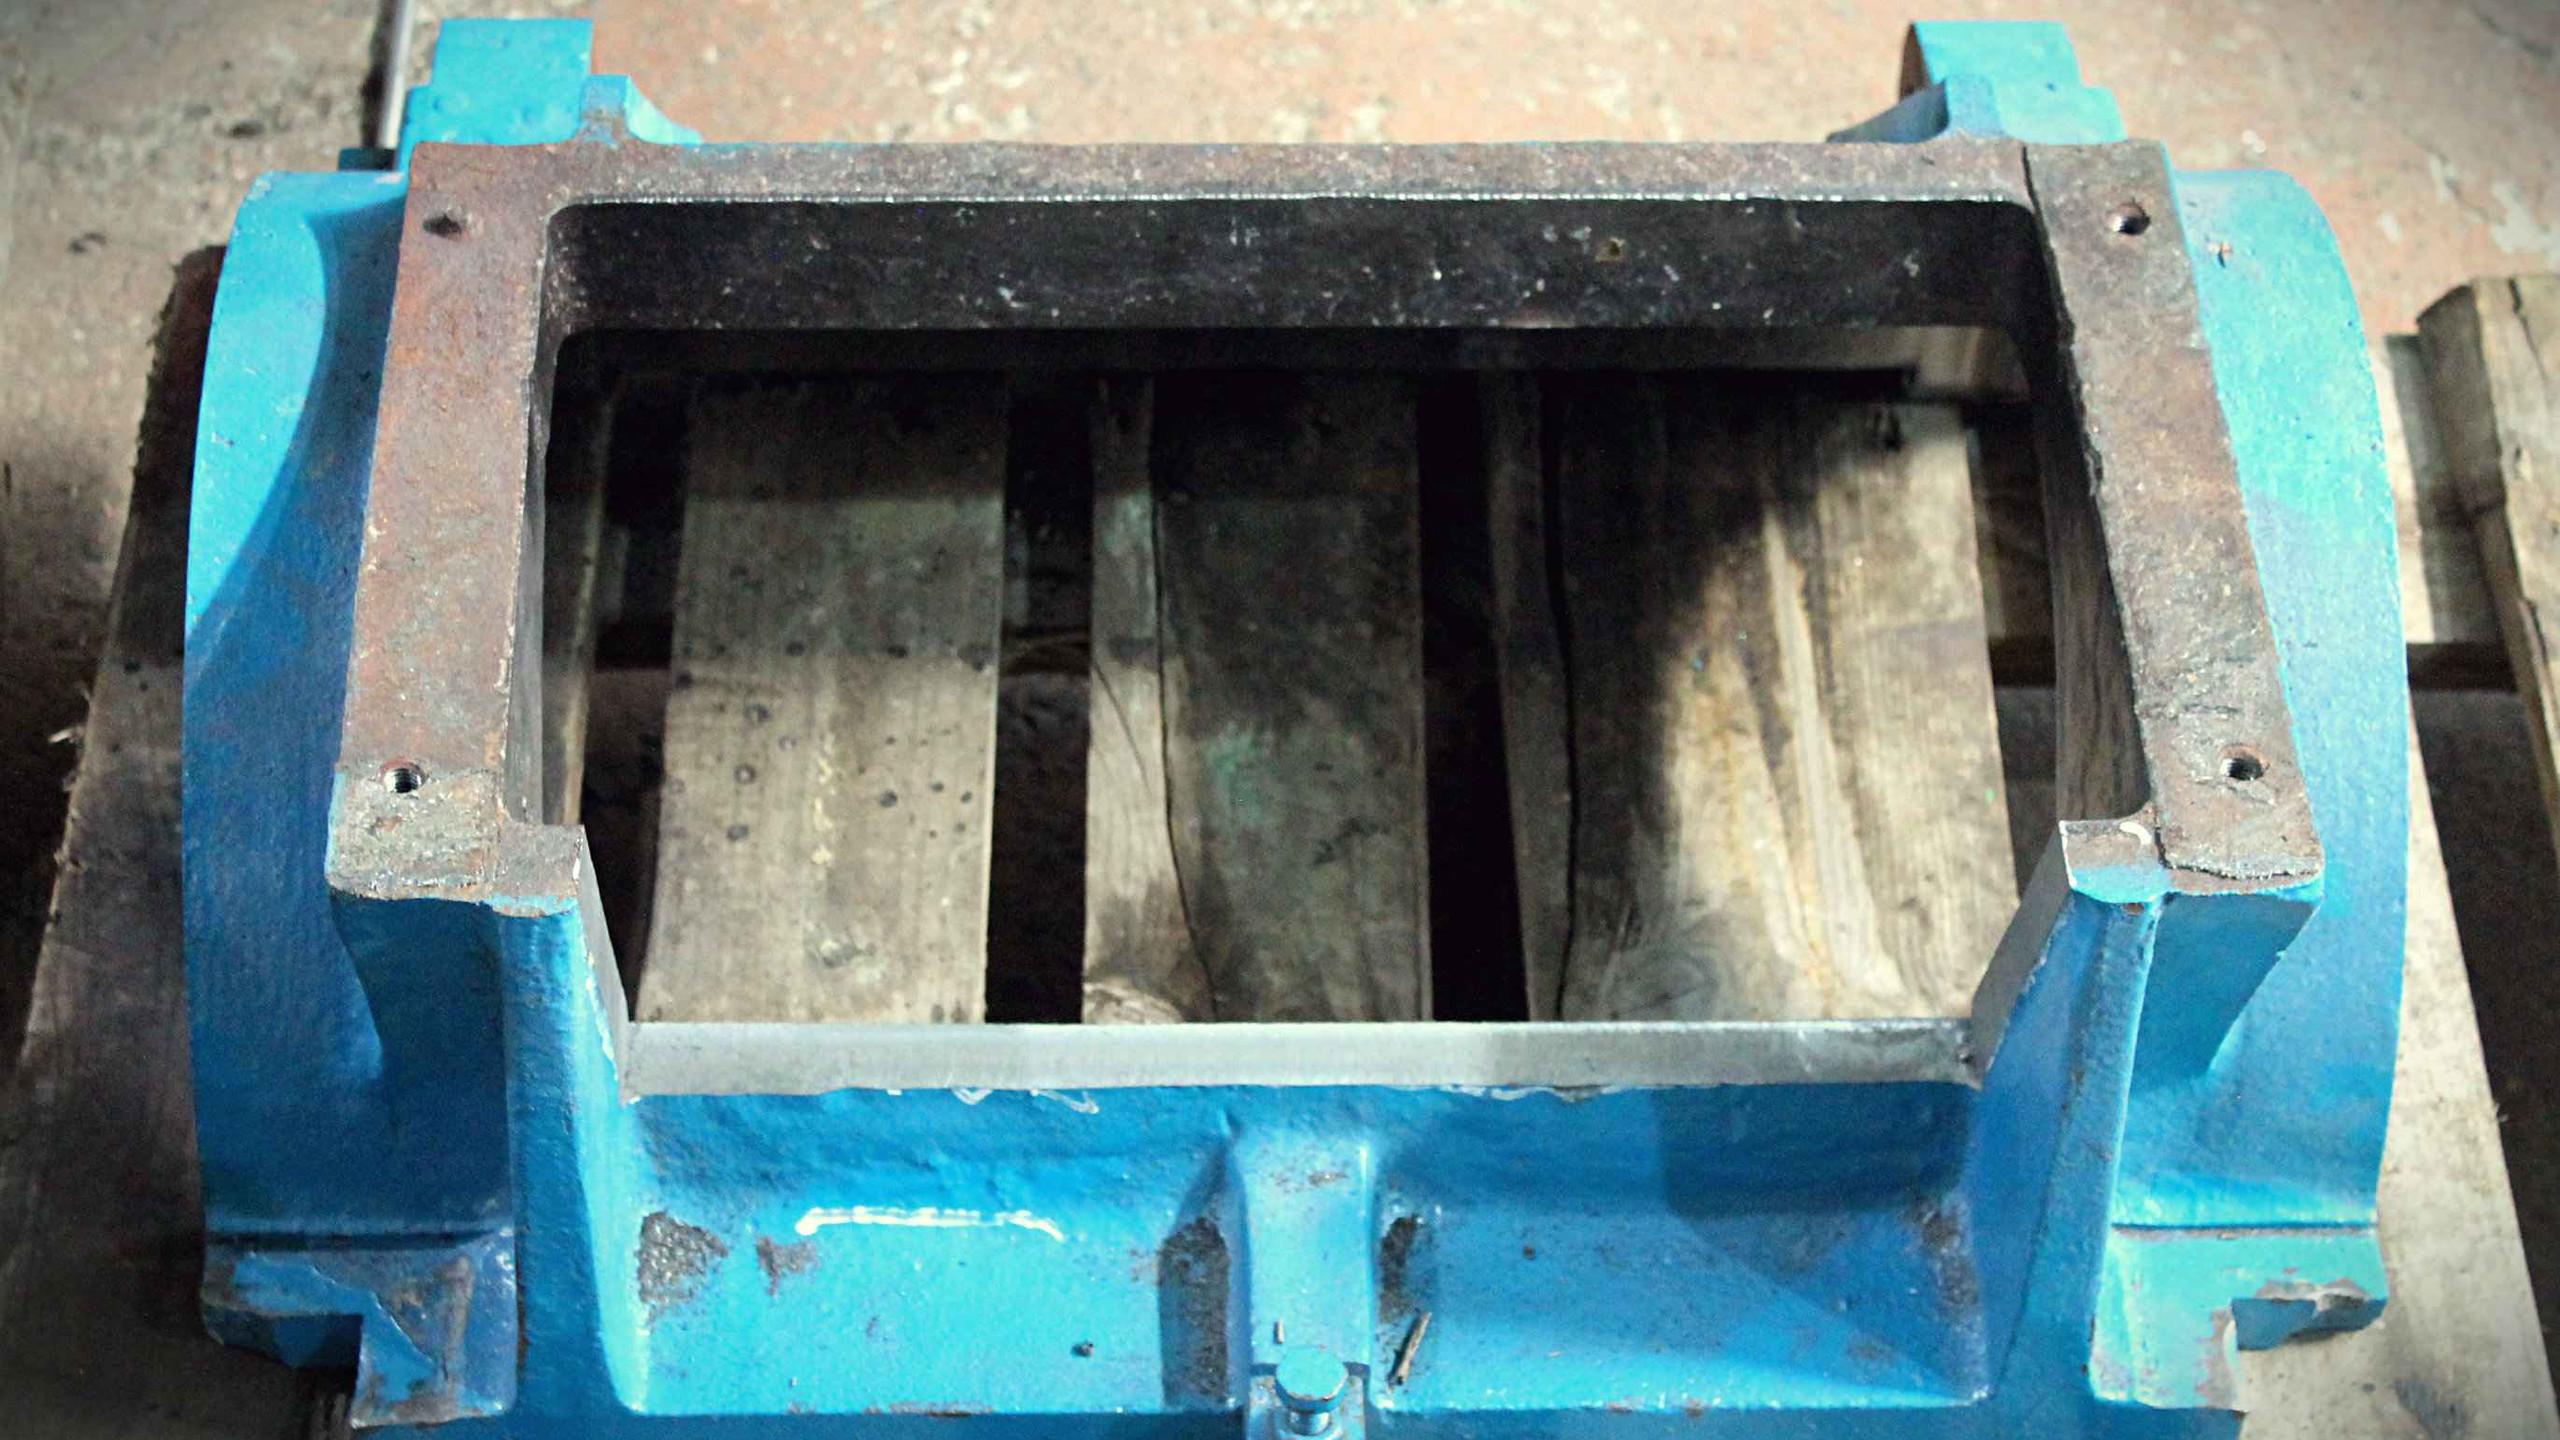 Корпус дробилки после фрезеровки